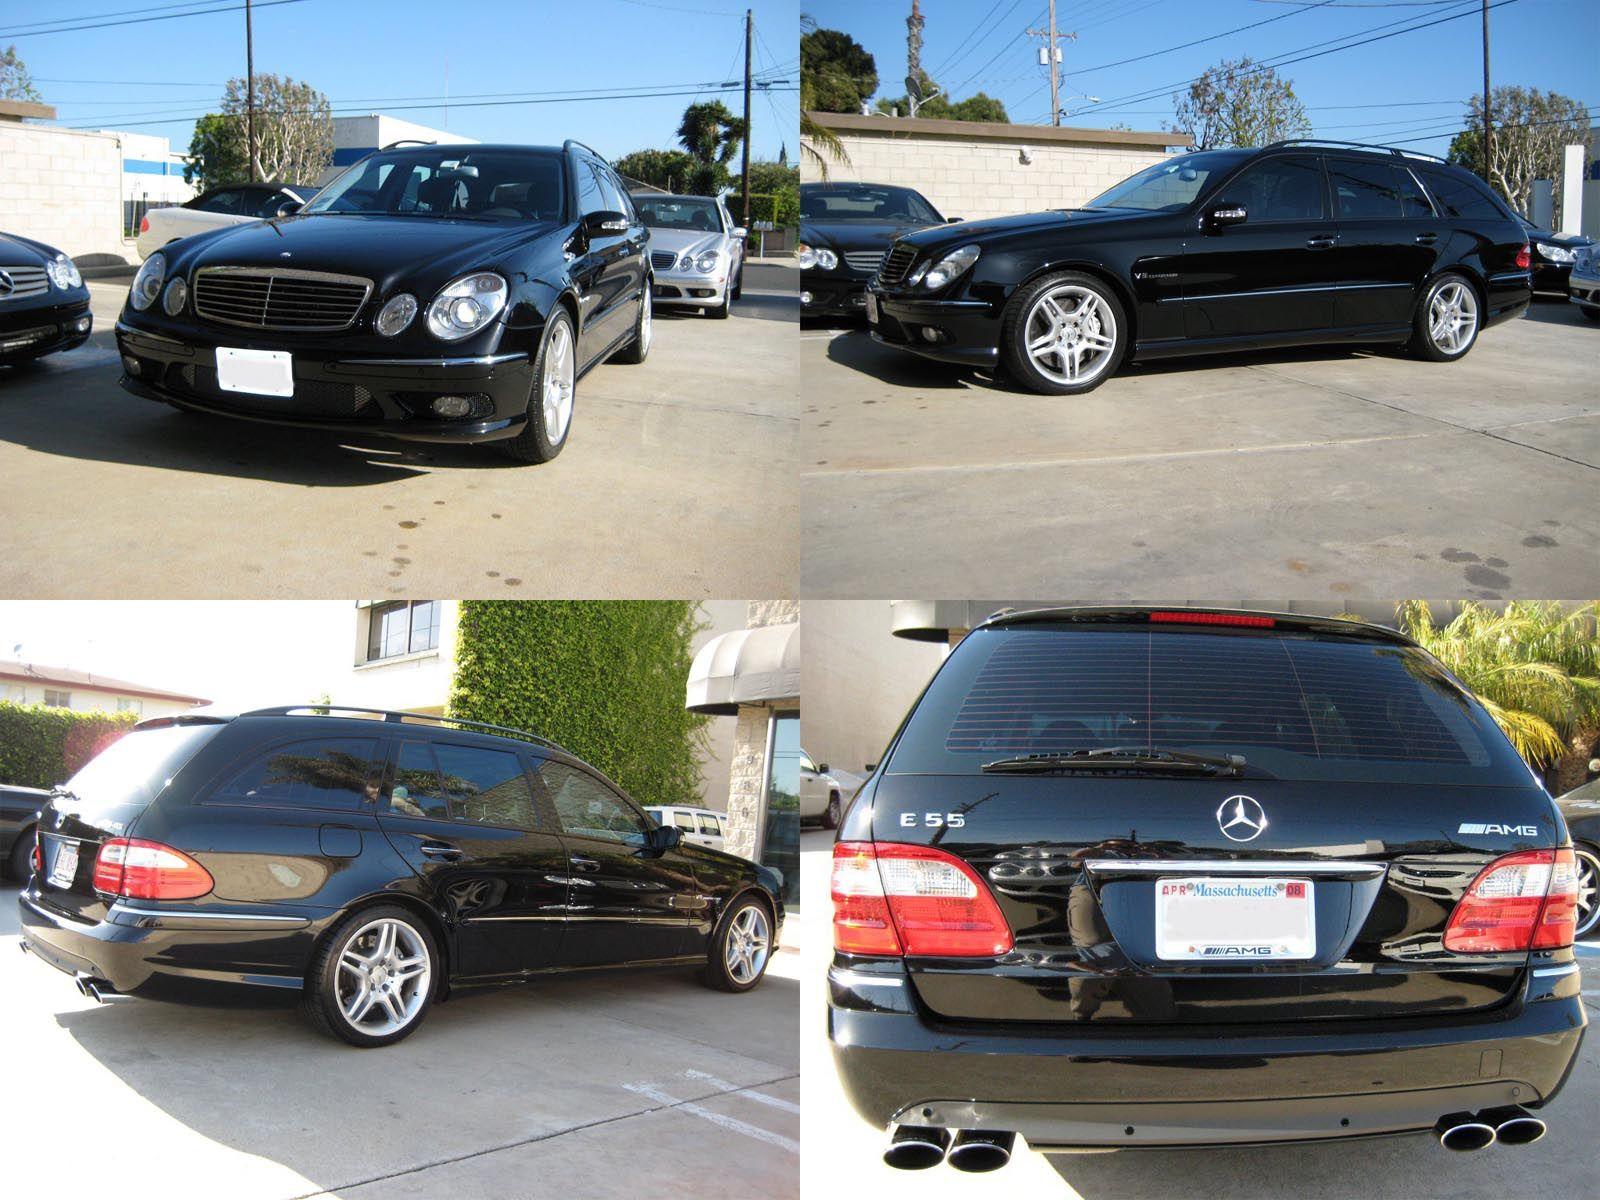 Mercedes-Benz E55 AMG wagon | Mercedes-Benz | E55 amg, Mercedes benz